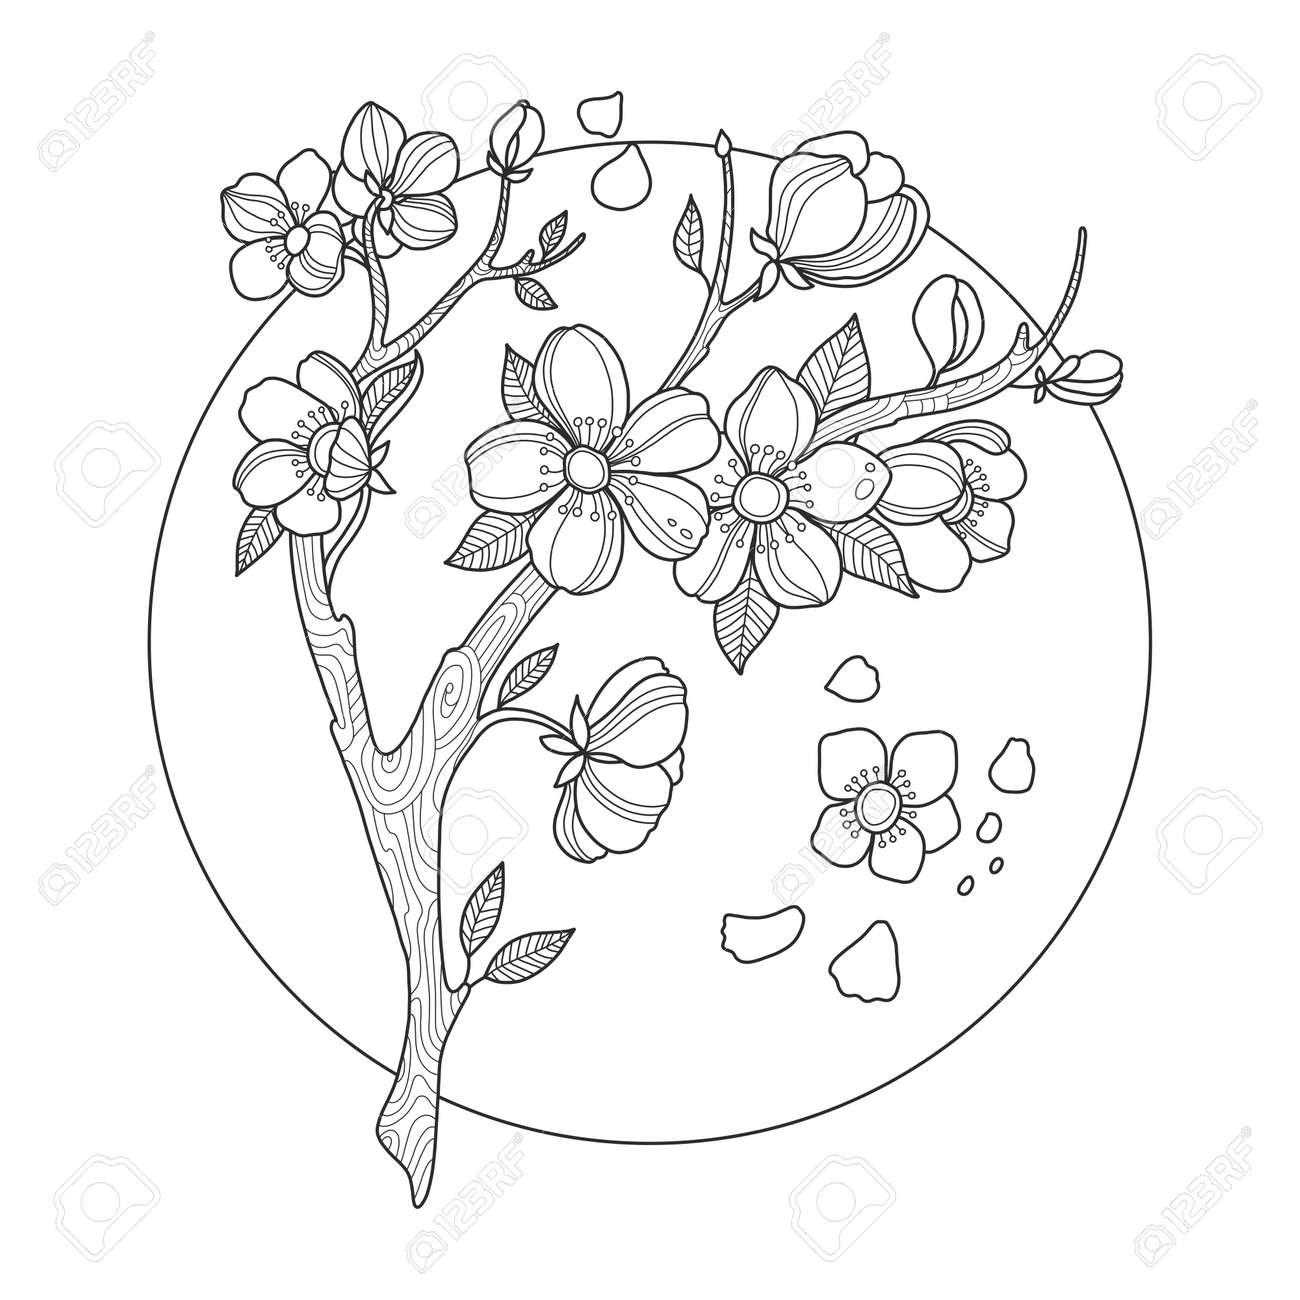 桜塗り絵ベクトル イラスト の写真素材画像素材 Image 72131638